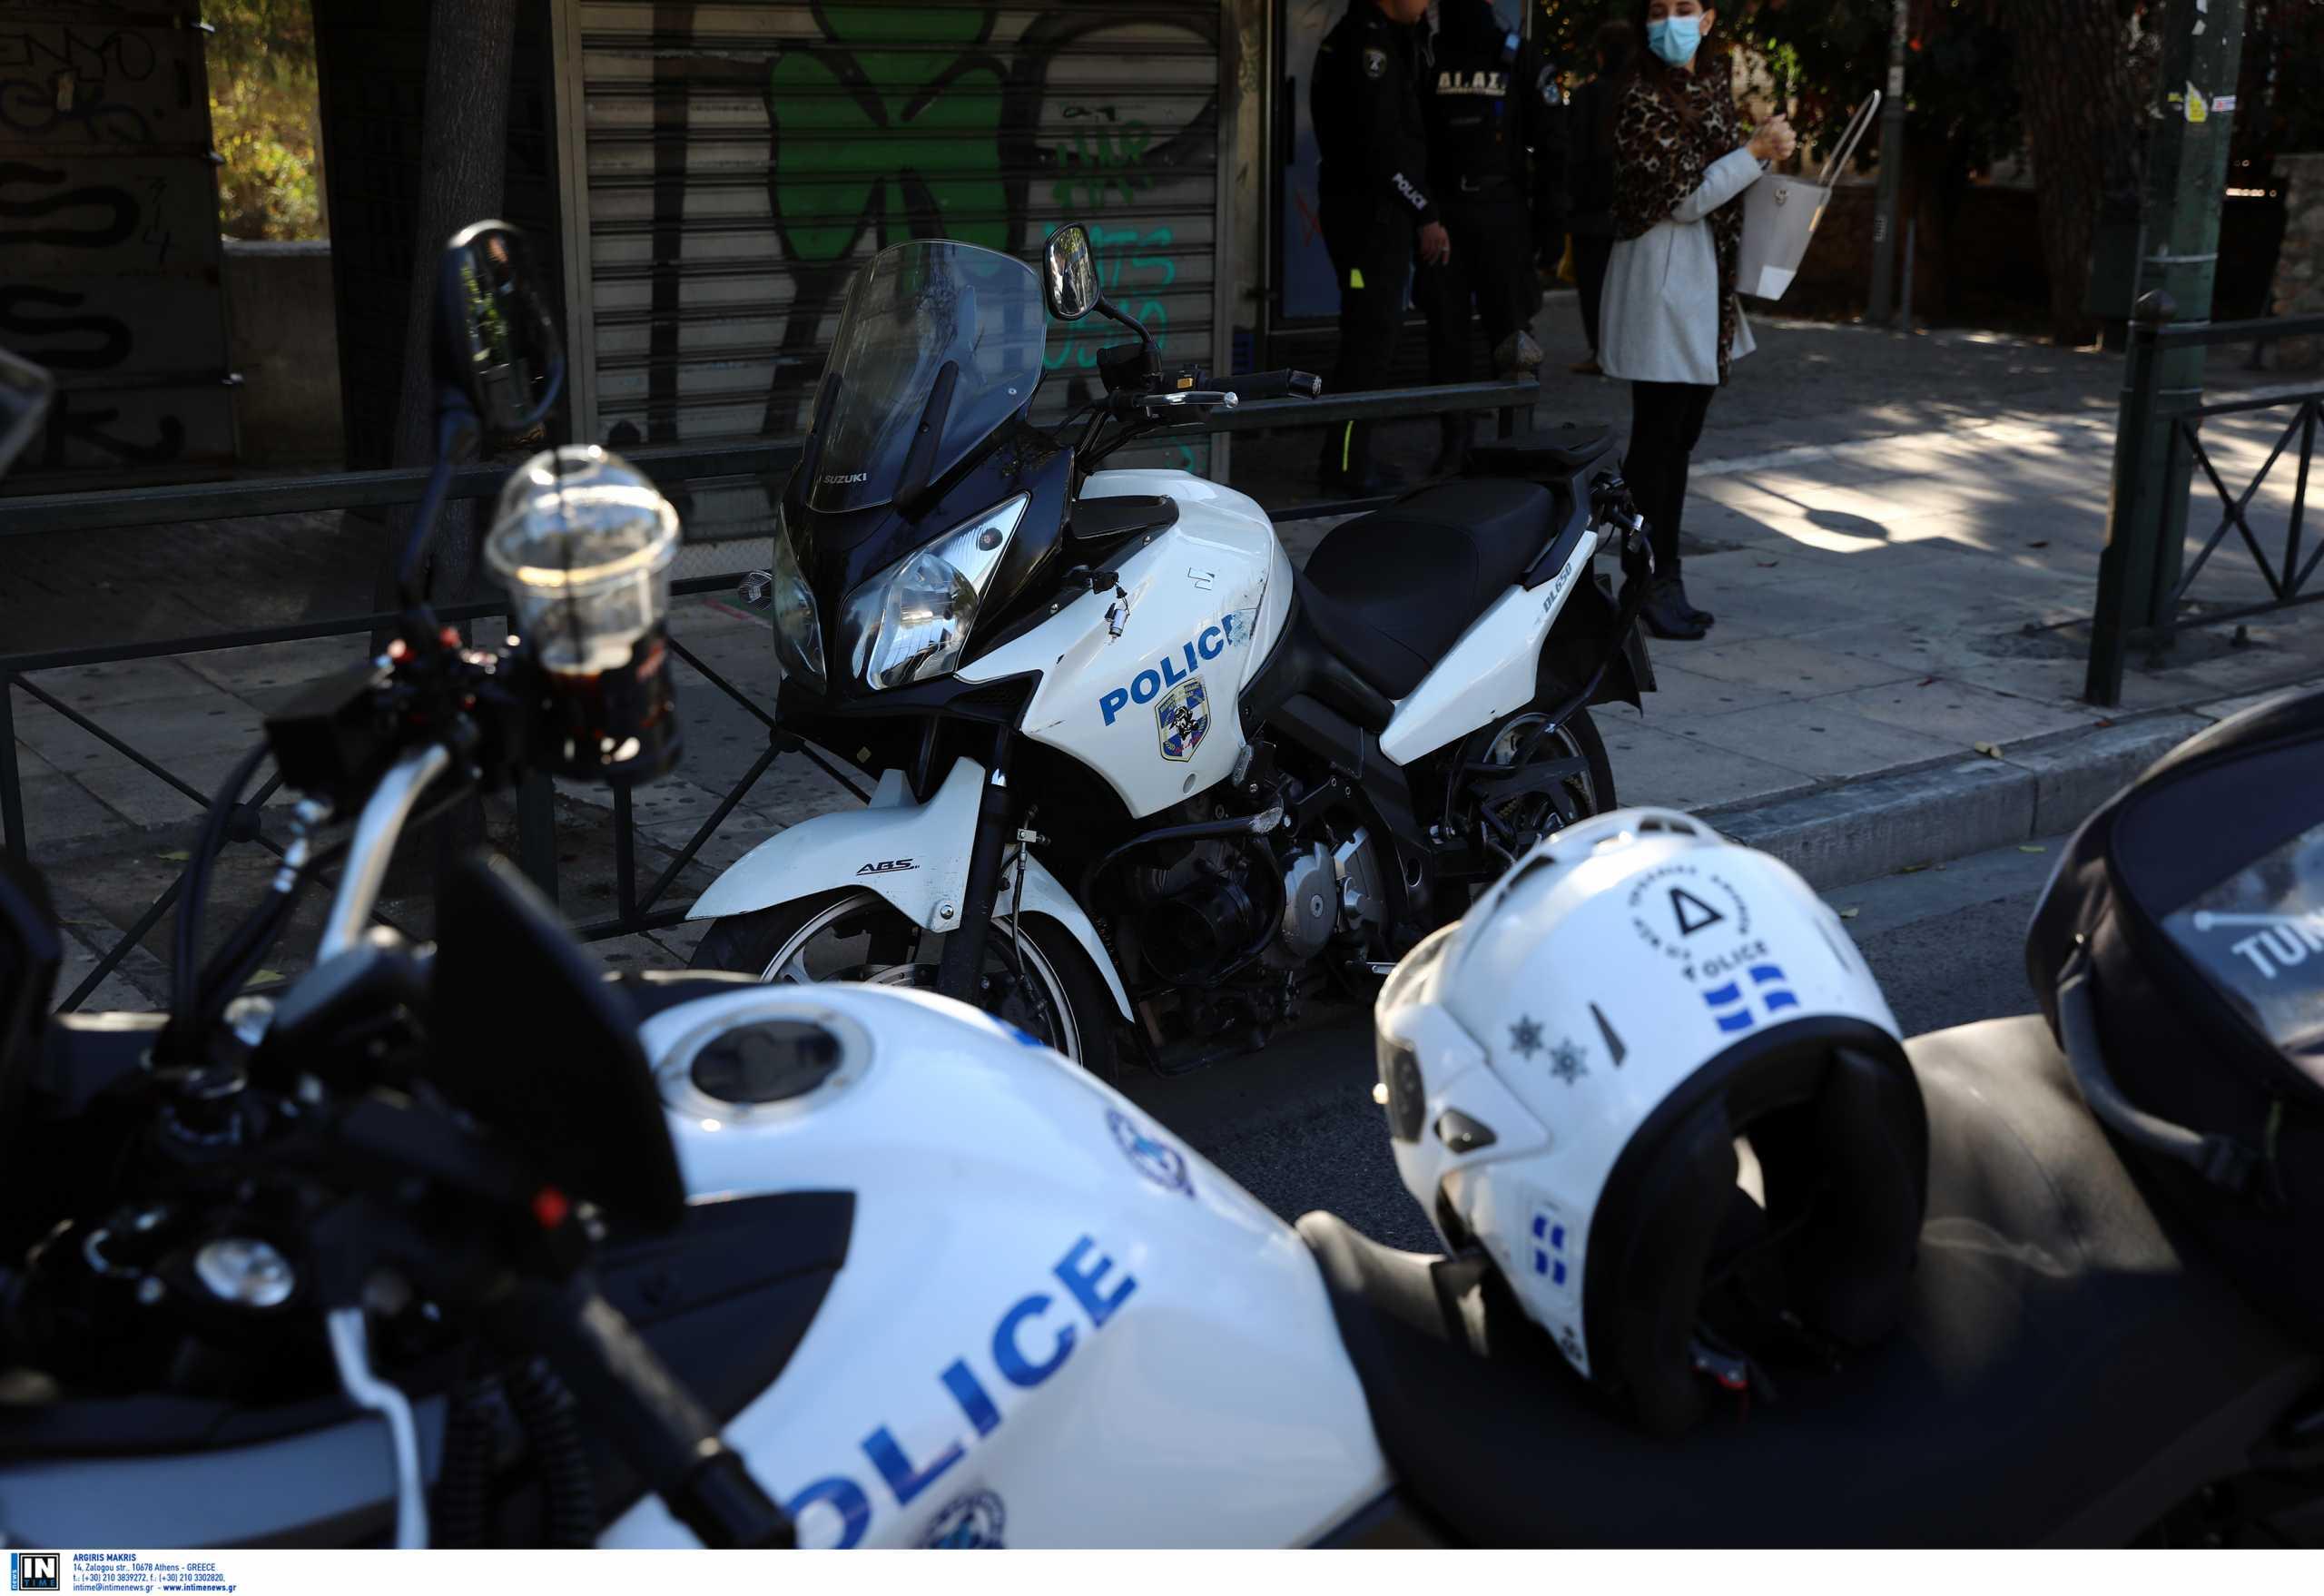 Ένταση στην πλατεία Νέας Σμύρνης – Αστυνομικοί δέχθηκαν επίθεση από 30 άτομα